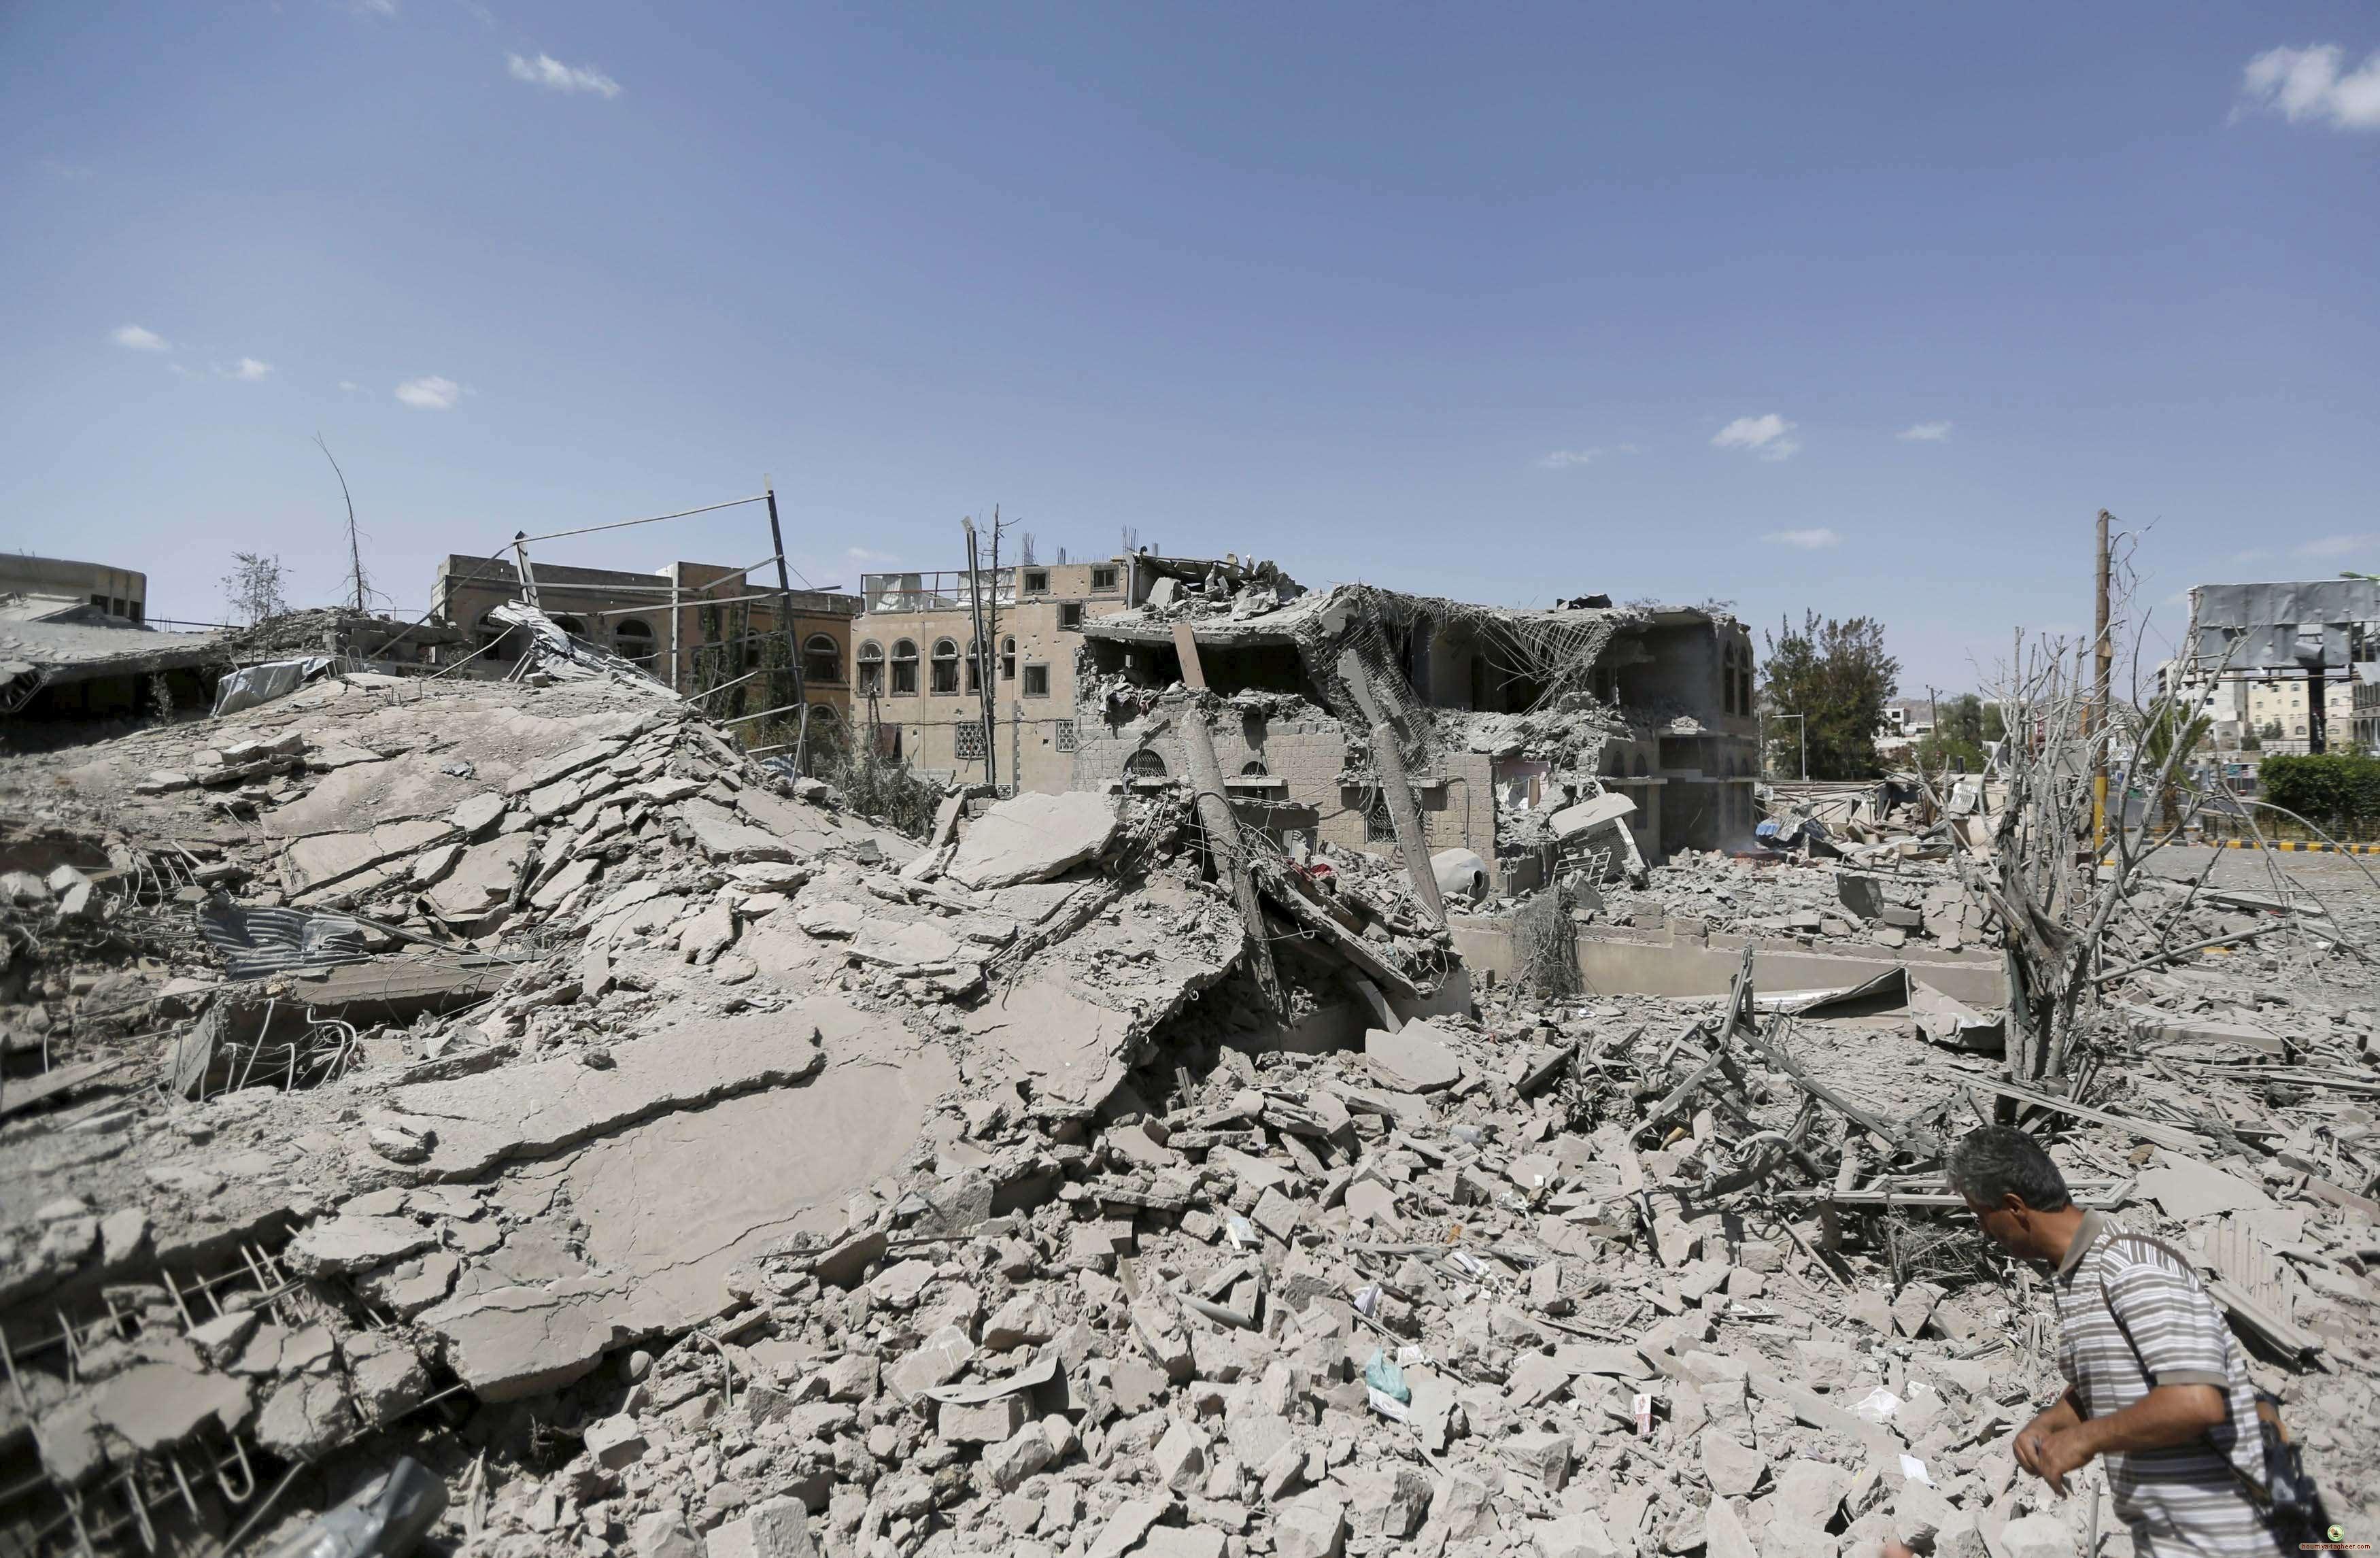 بعض من الدمار الناتج عن حرب اليمن